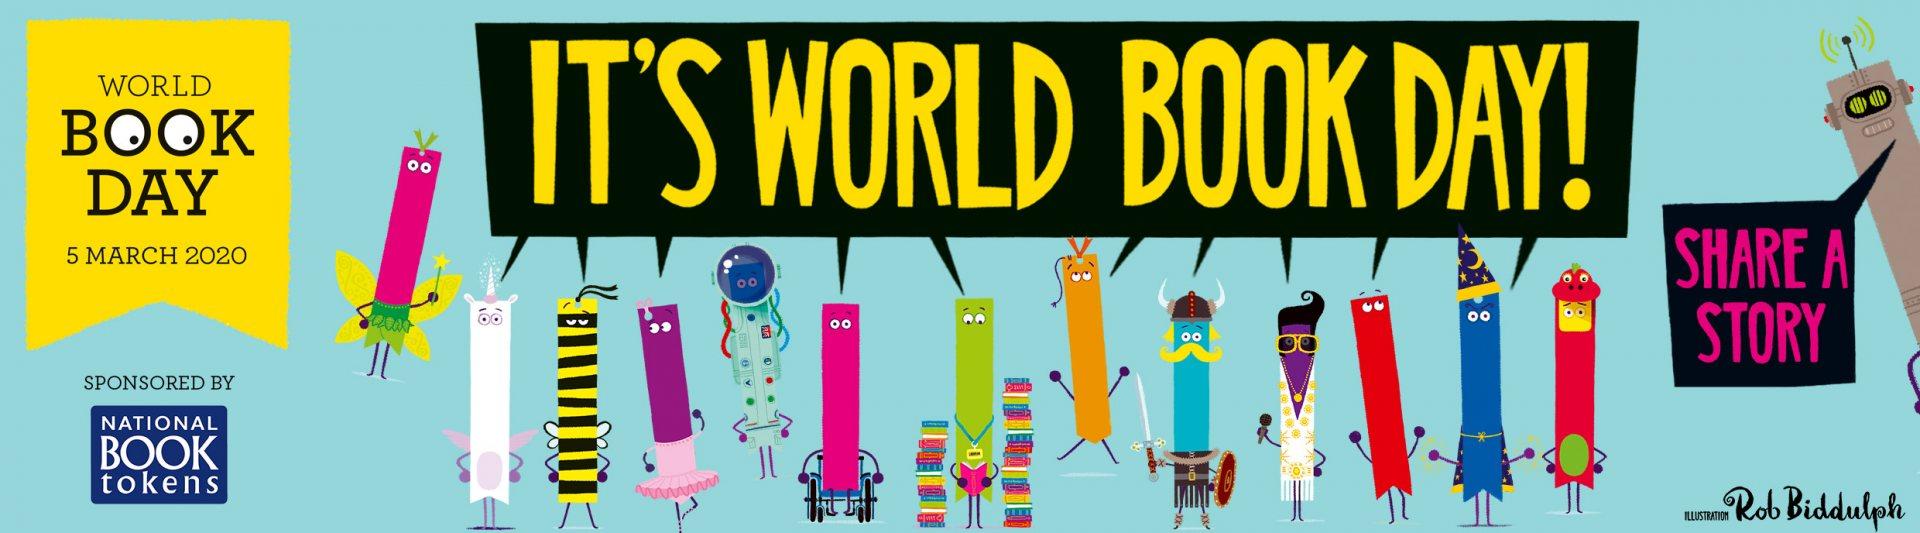 World Book Day 2020